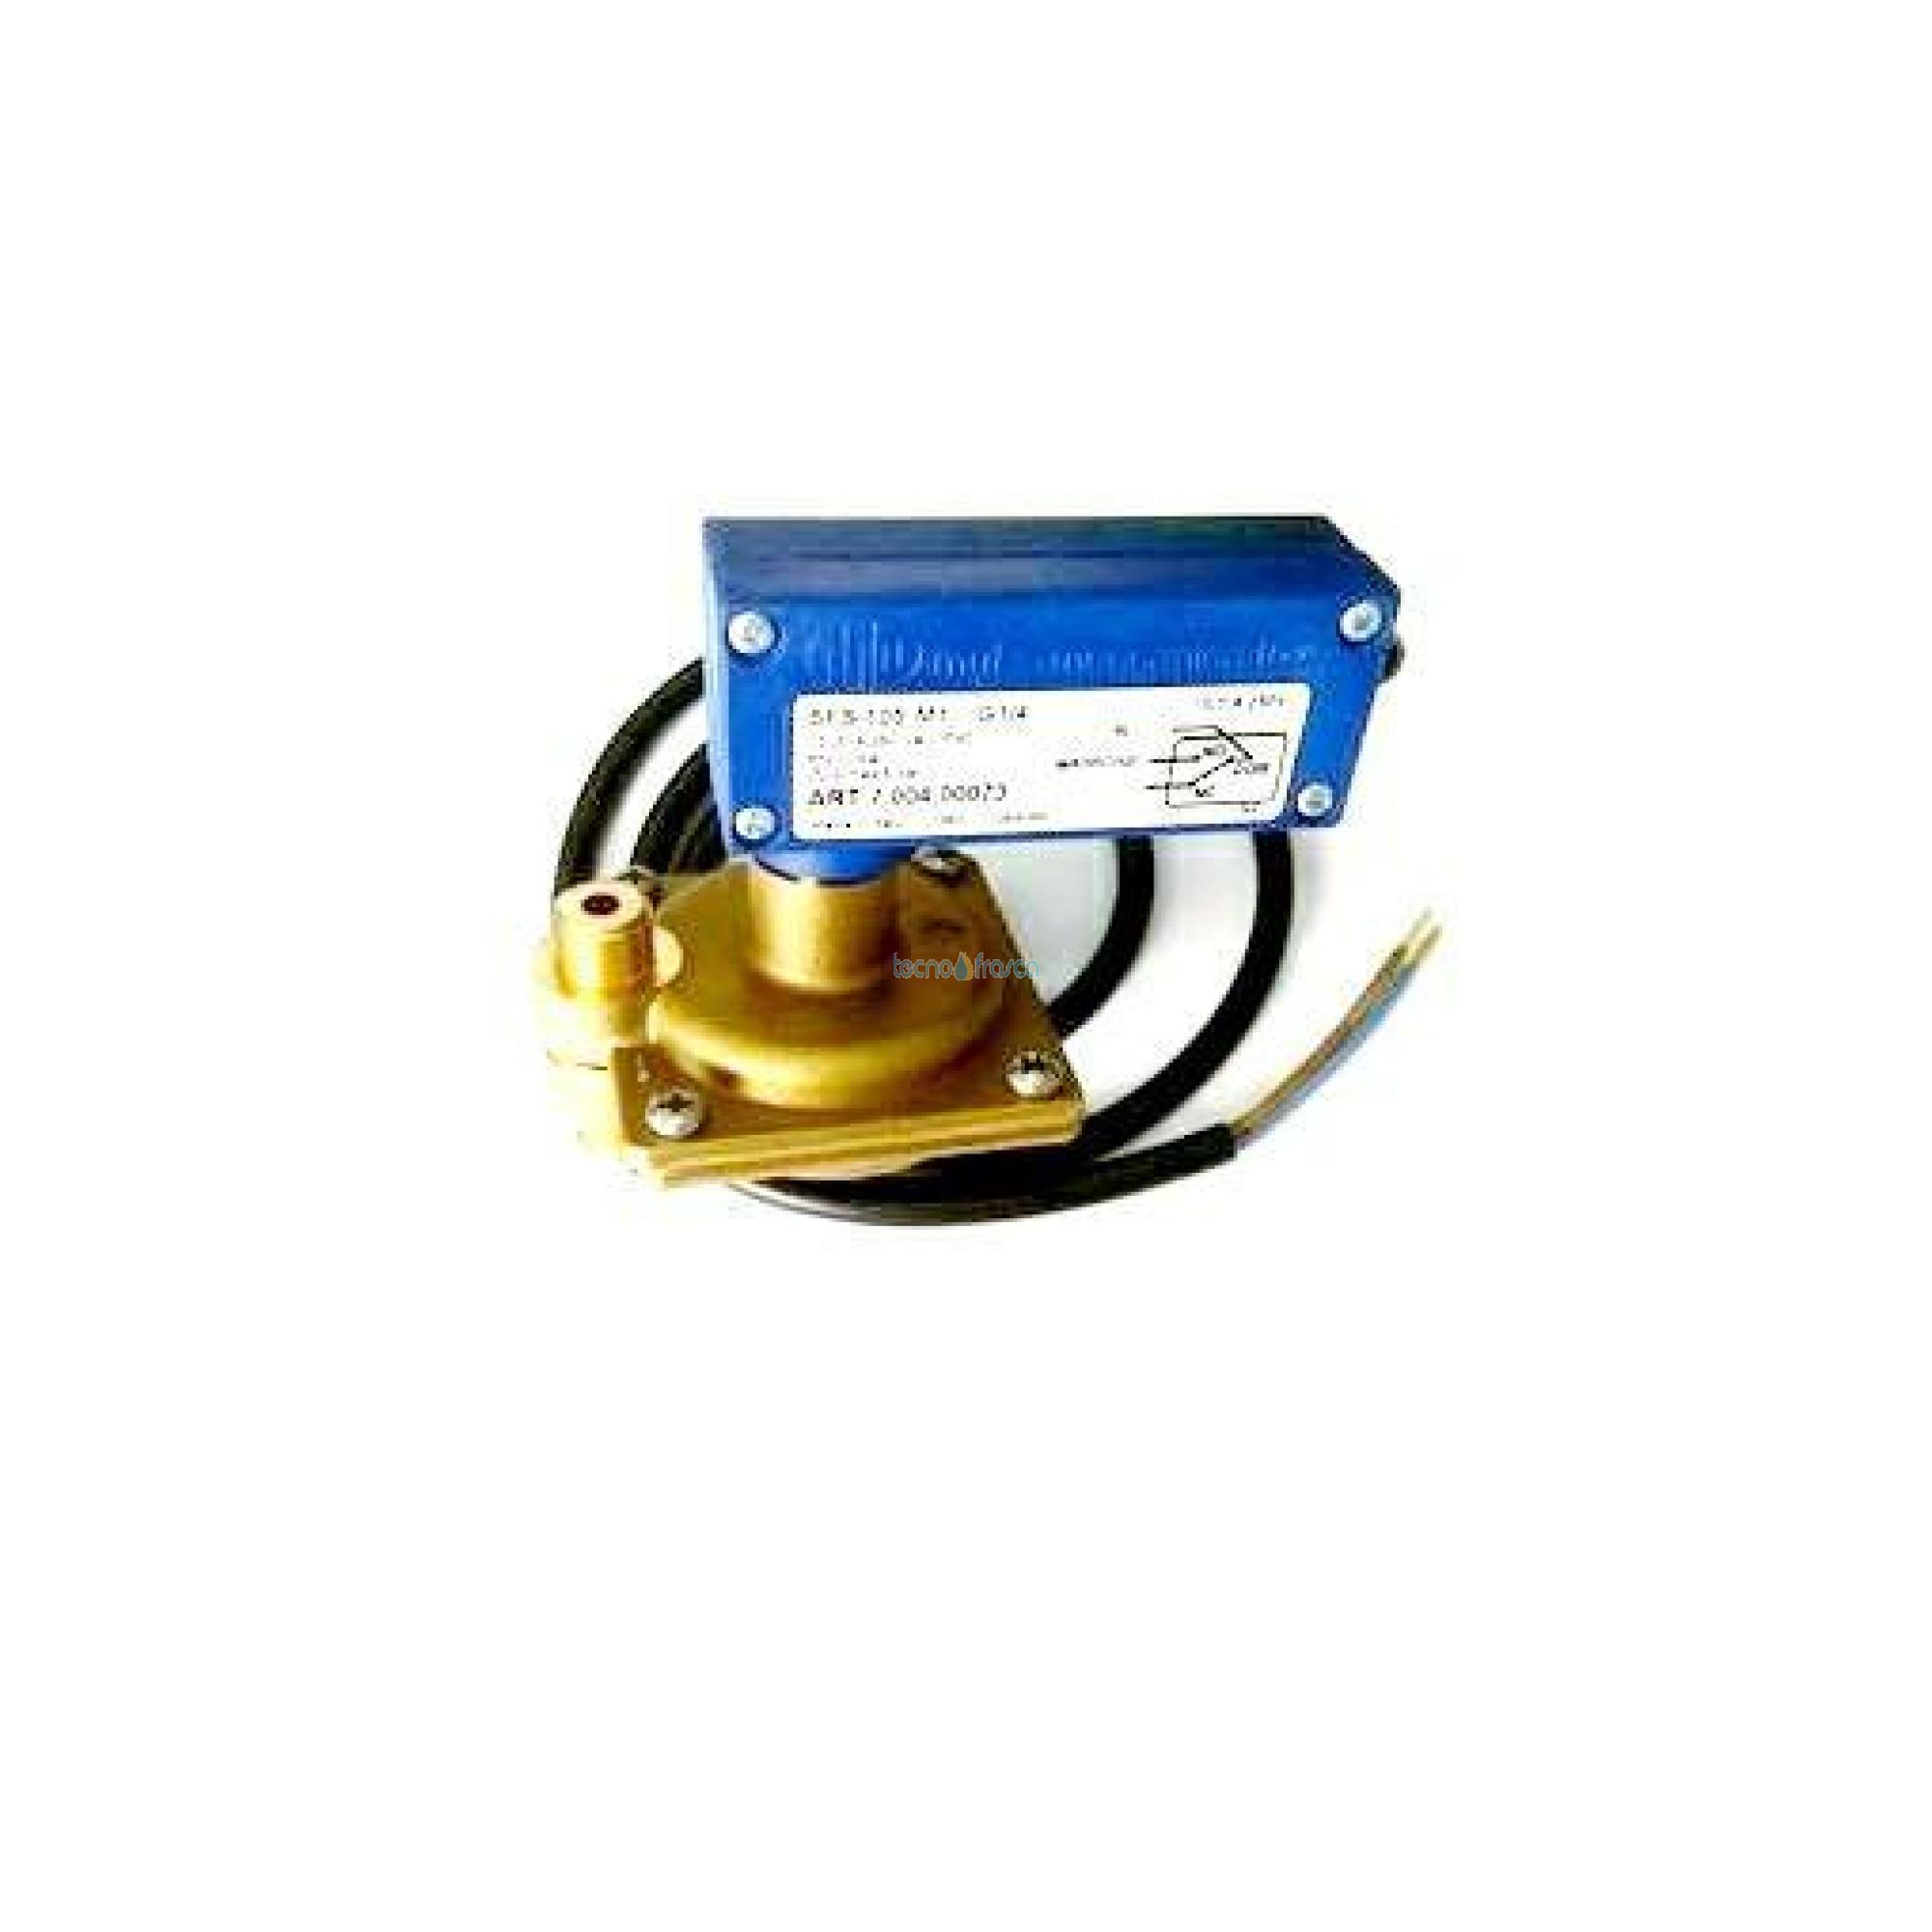 Mut pressostato sfs-105-m1 g1/4 700400073